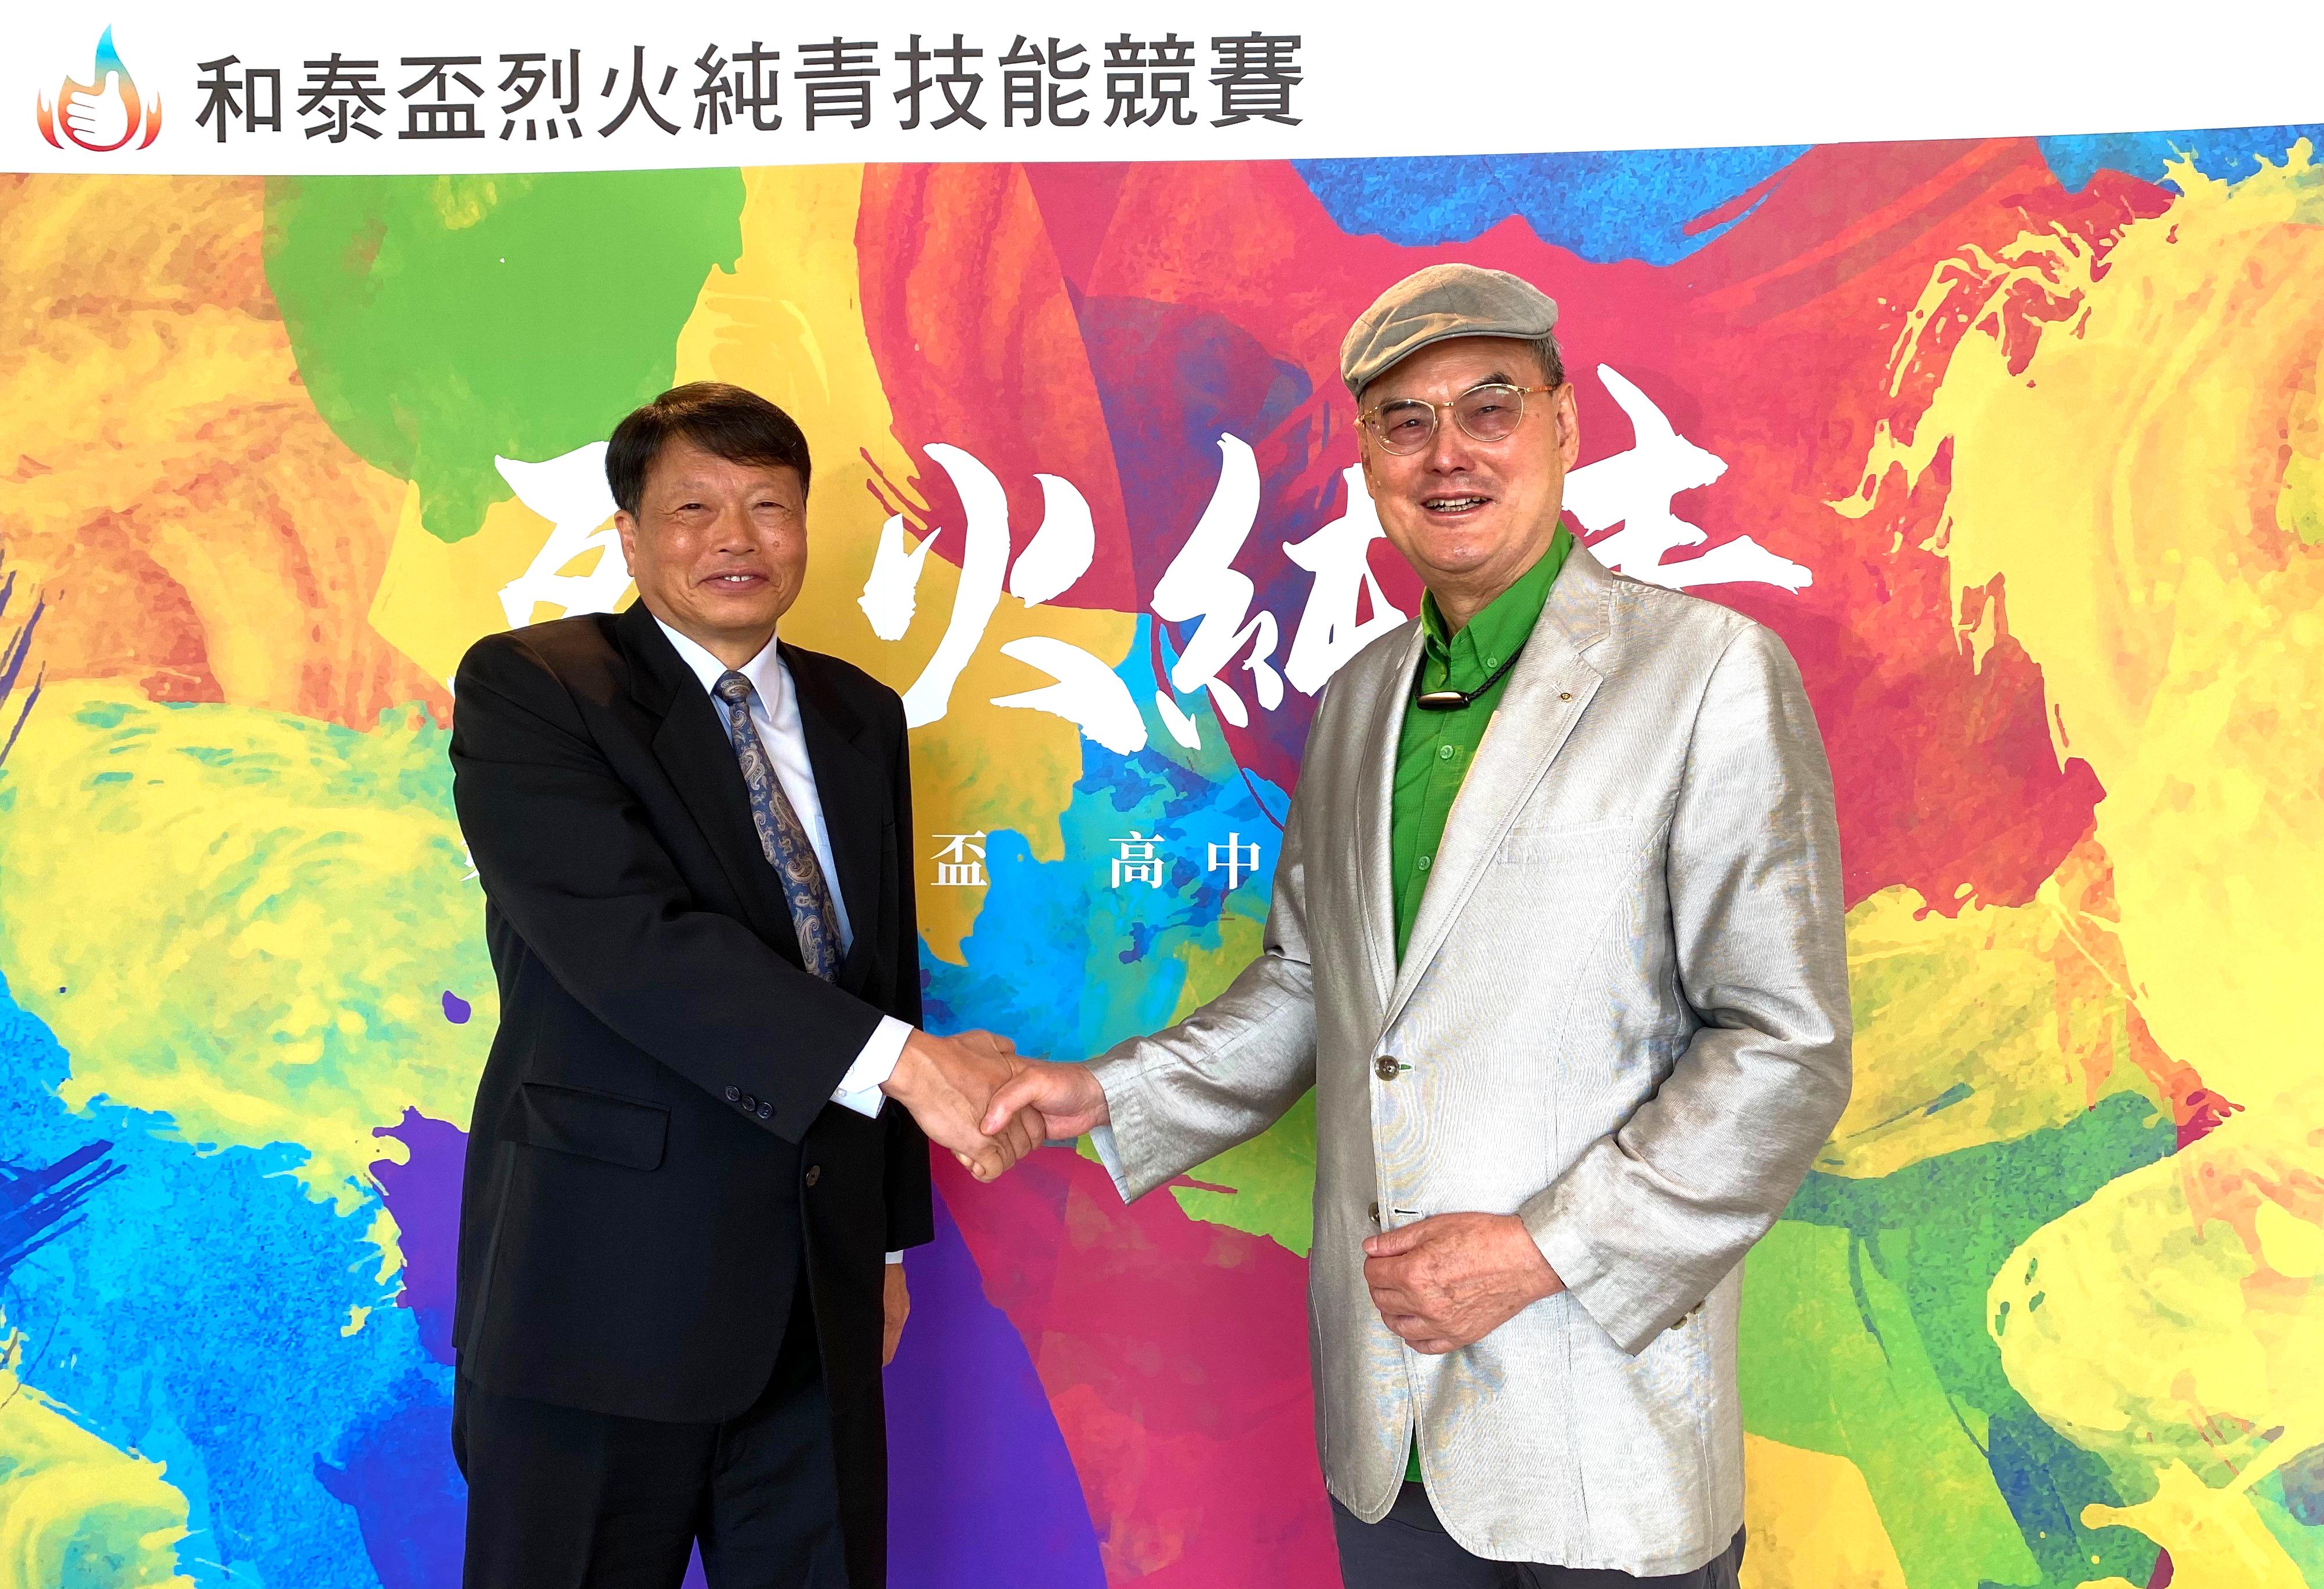 和泰盃烈火純青技能競賽_黃志誠董事長(左)及蘇一仲董事長(右)